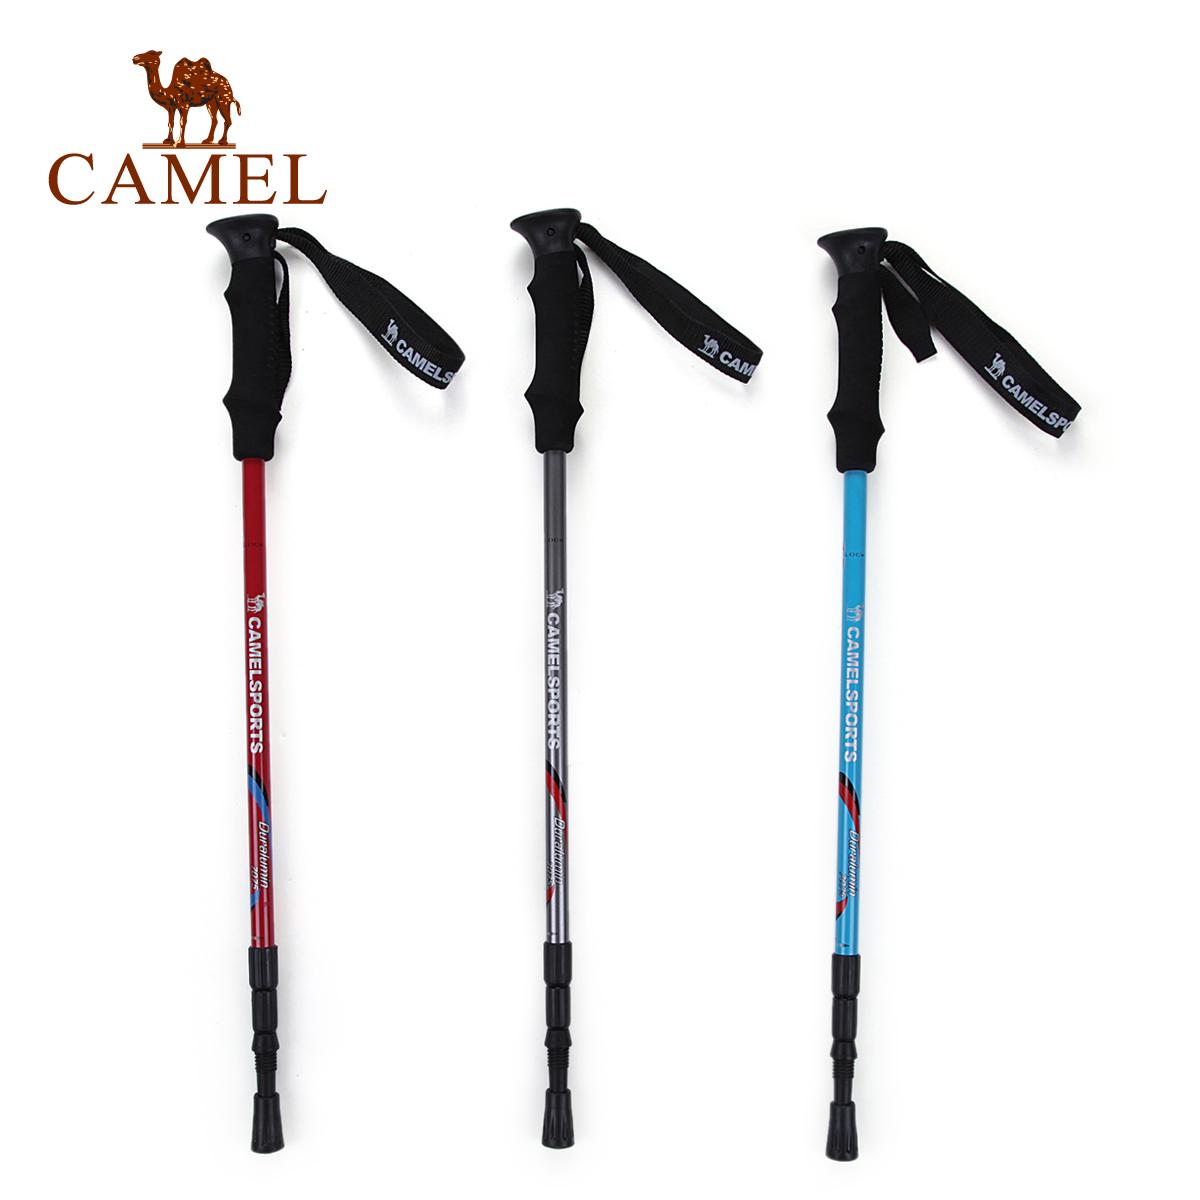 Альпинистская палка Camel 2sa7311 Camel